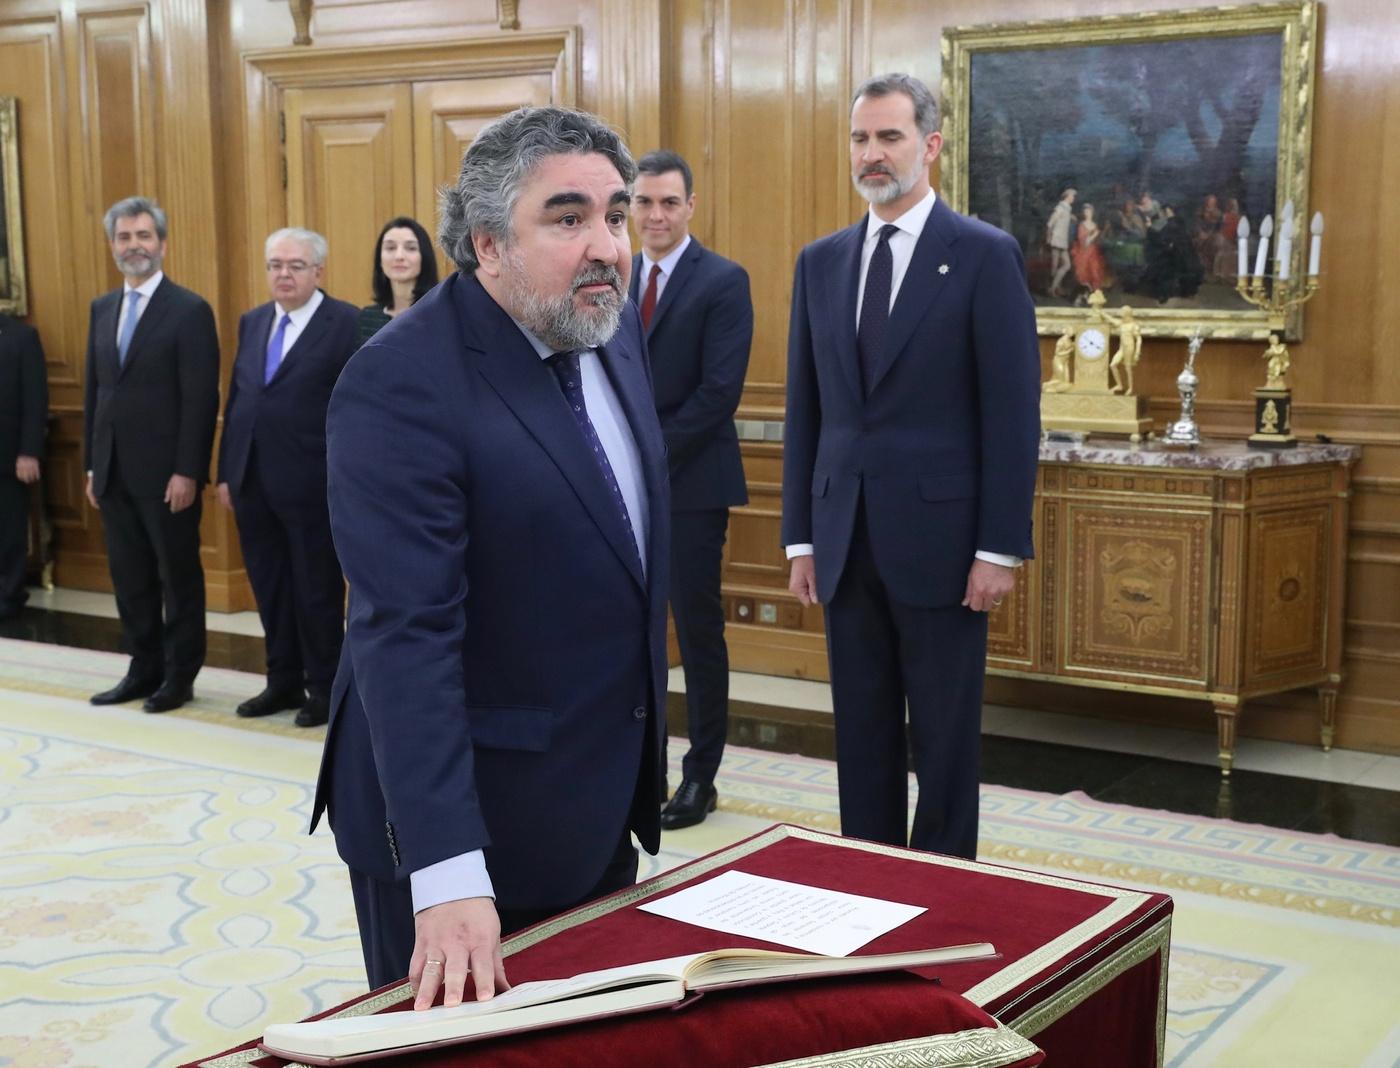 https://www.casareal.es/sitios/ListasAux/Galeras/20200113-PROMESA_DE_LOS_MINISTROS_DEL_N-ES-230187/rey_promesa_ministros_20200113_17.jpg